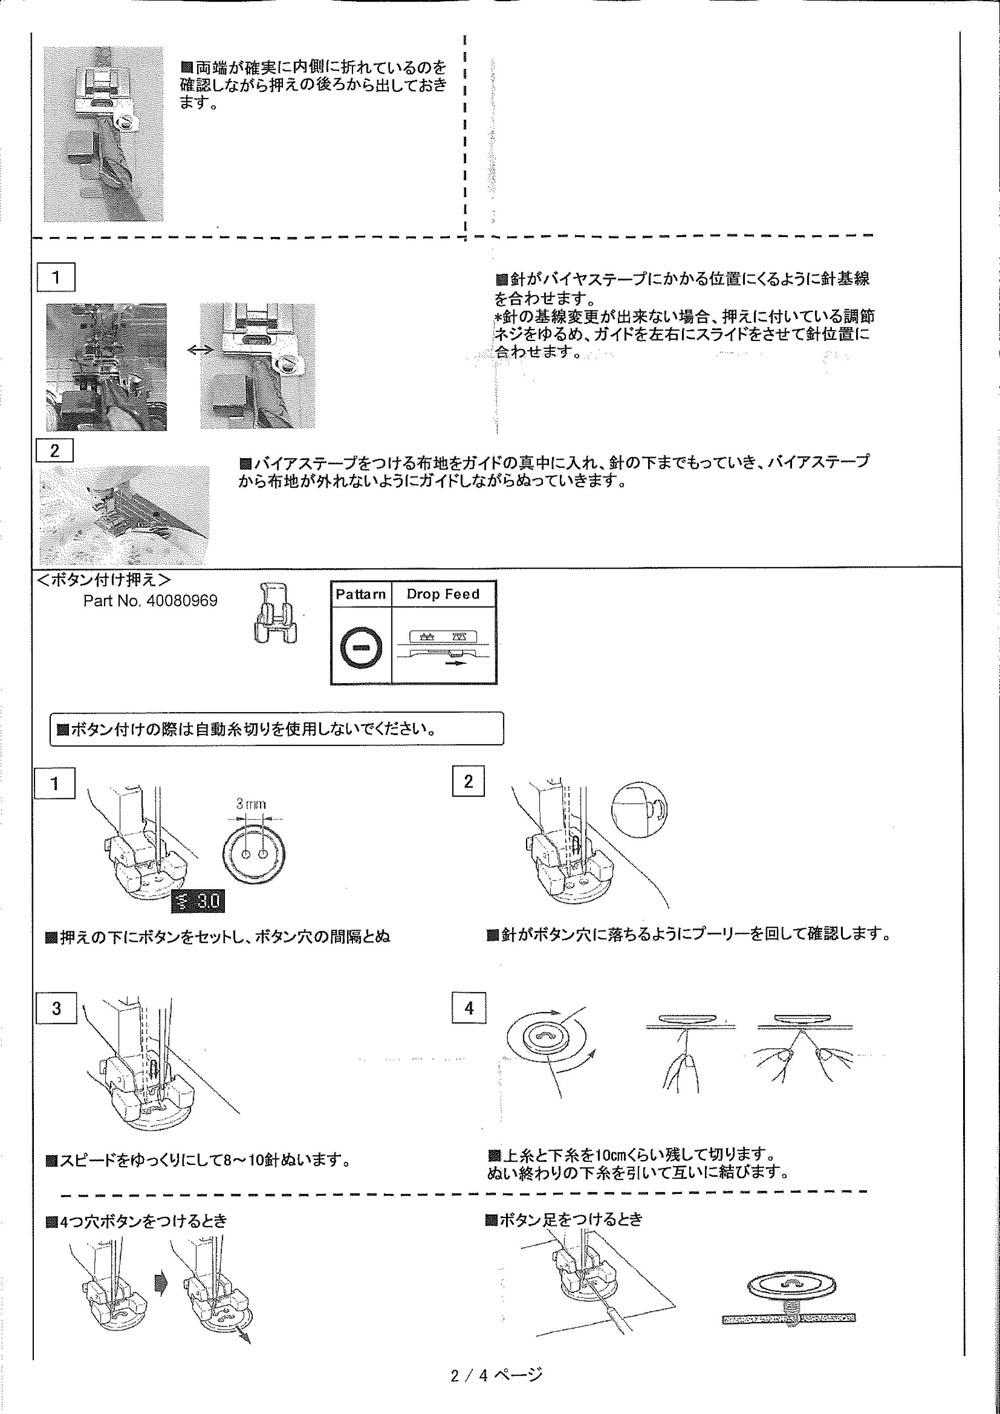 【送料無料】 ヘビーユーザーキット  HZL-F3000